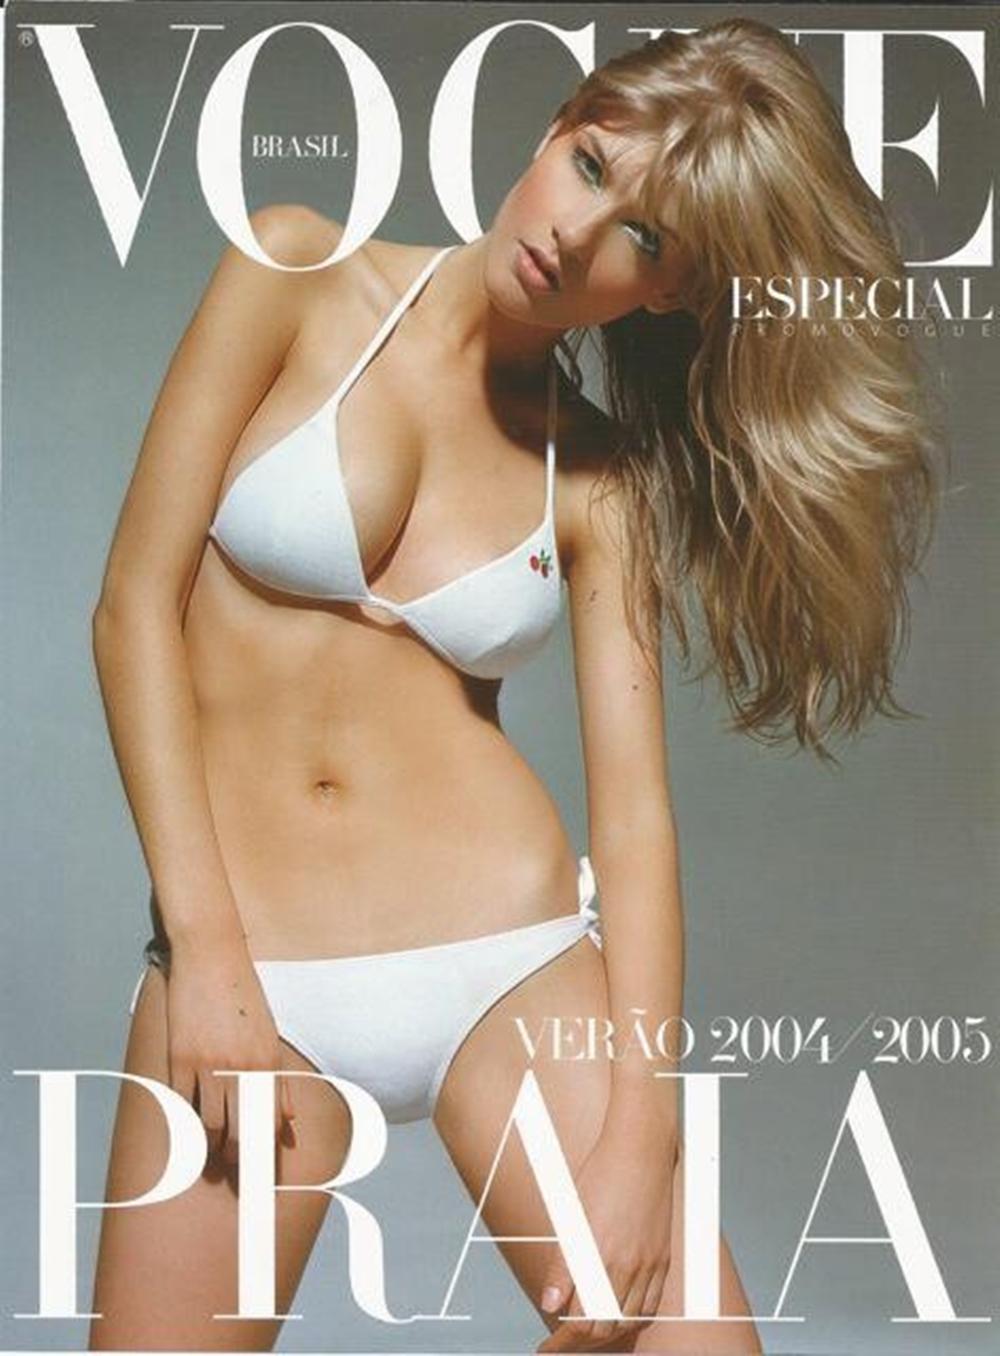 Modelo em capa da Vogue verão 2004/2005.